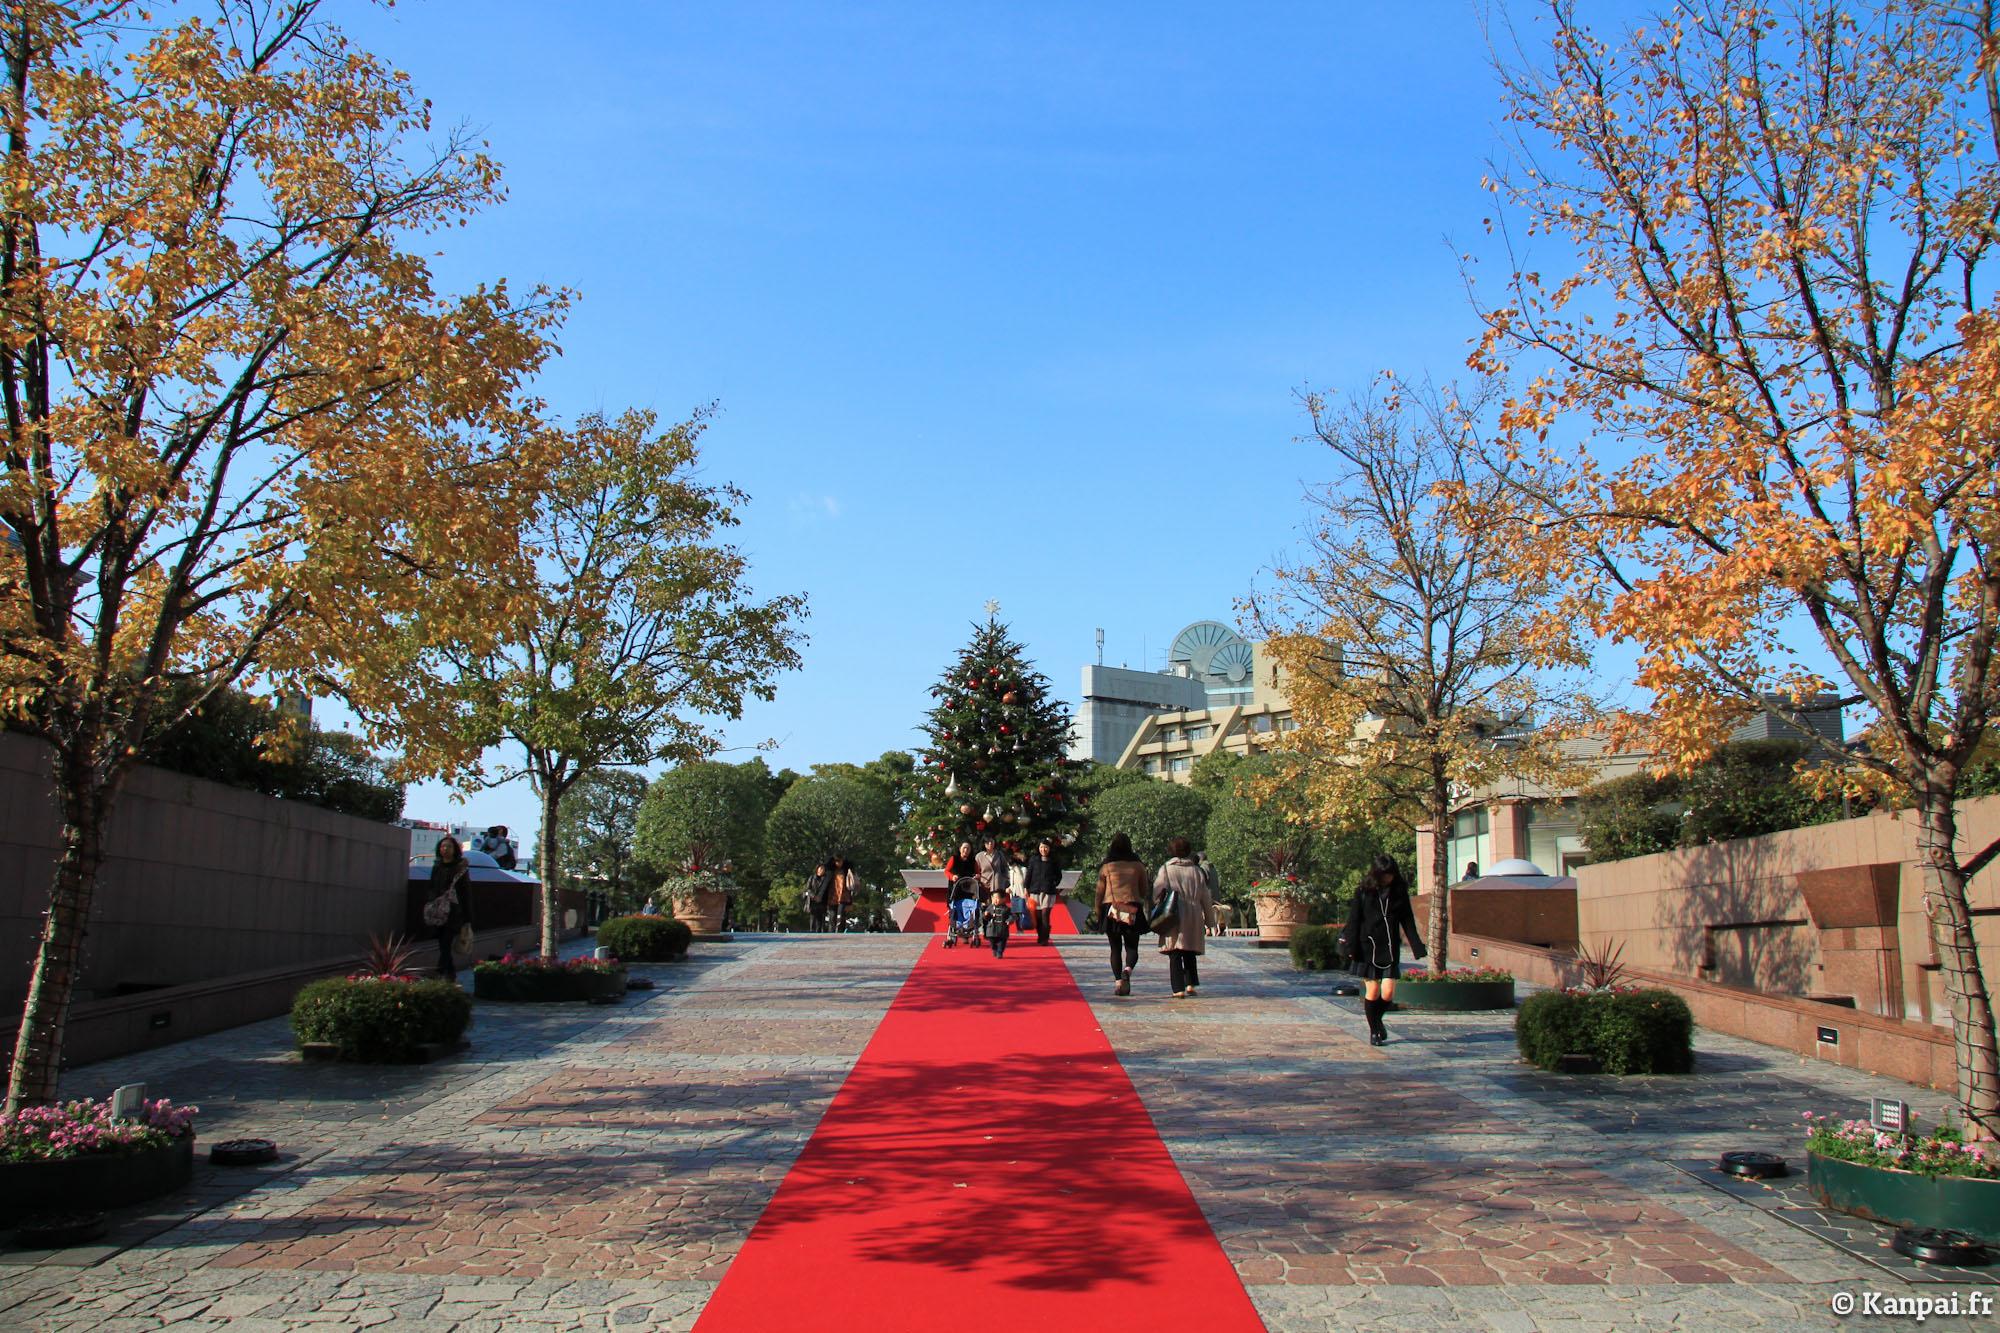 #0769C4 Tokyo à Noël 5327 decorations de noel au japon 2000x1333 px @ aertt.com